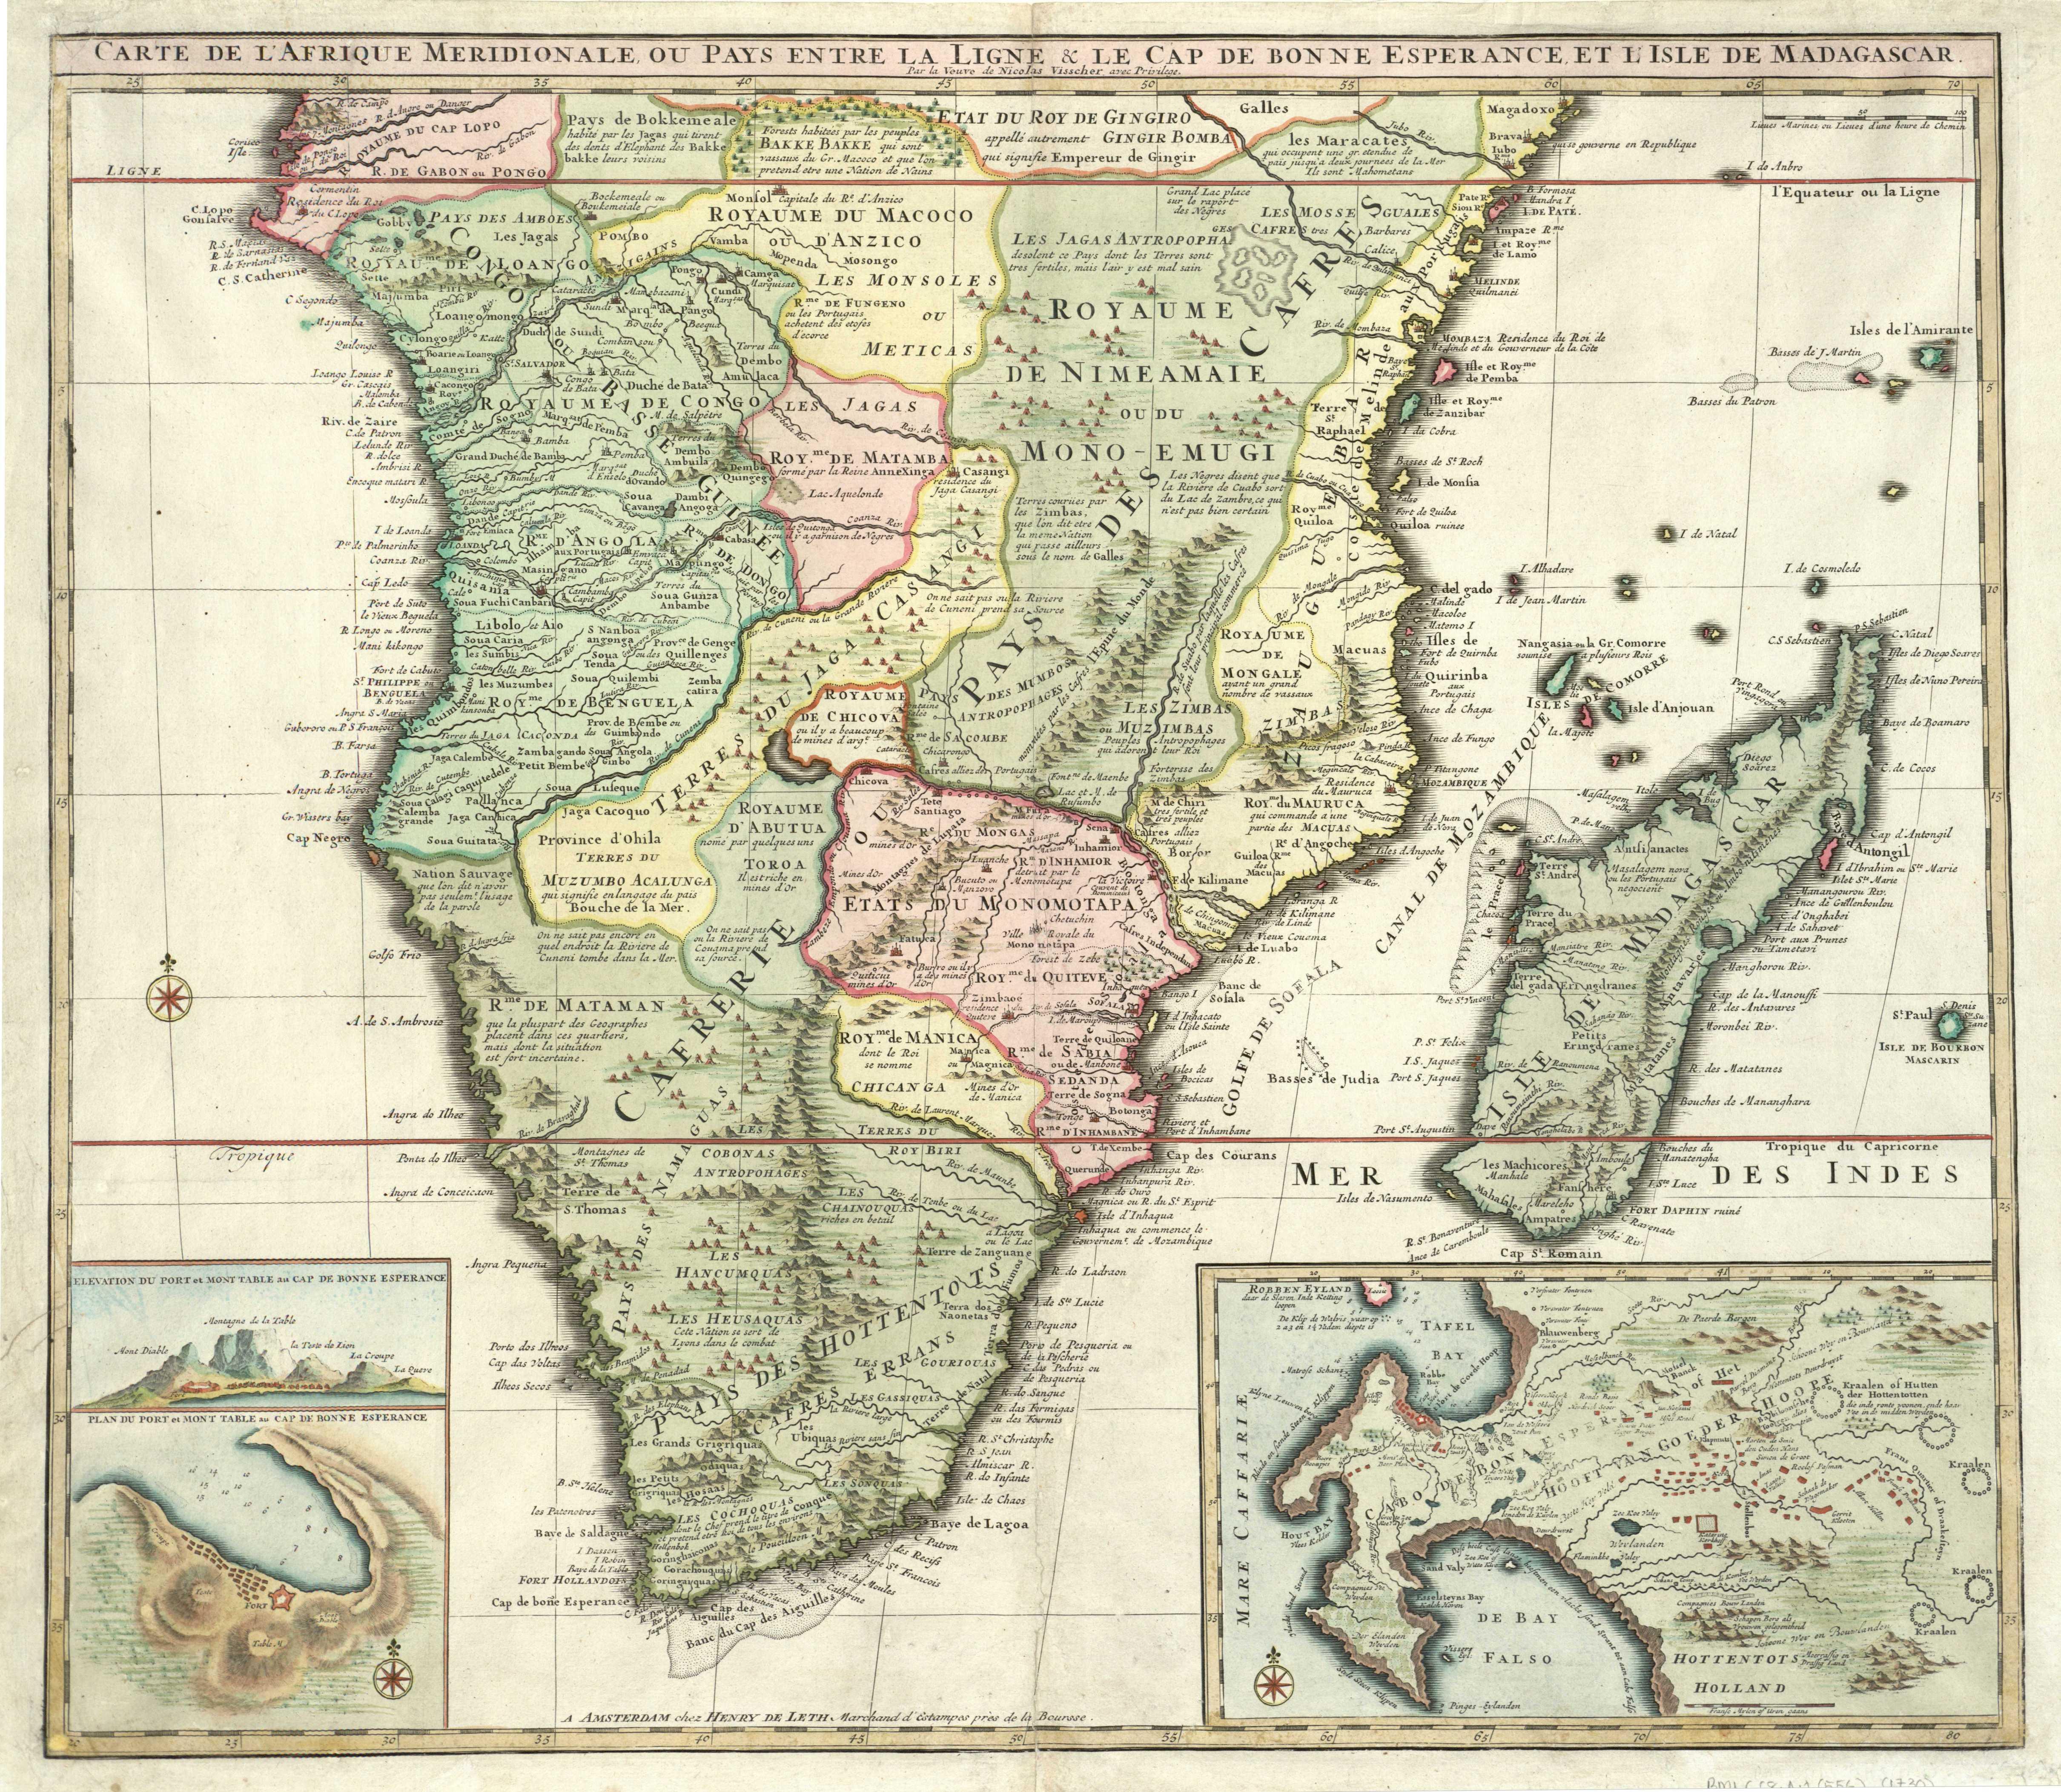 Carte De Lafrique Map.Carte De L Afrique Meridionale Au Pays Entre La Ligne Cap De